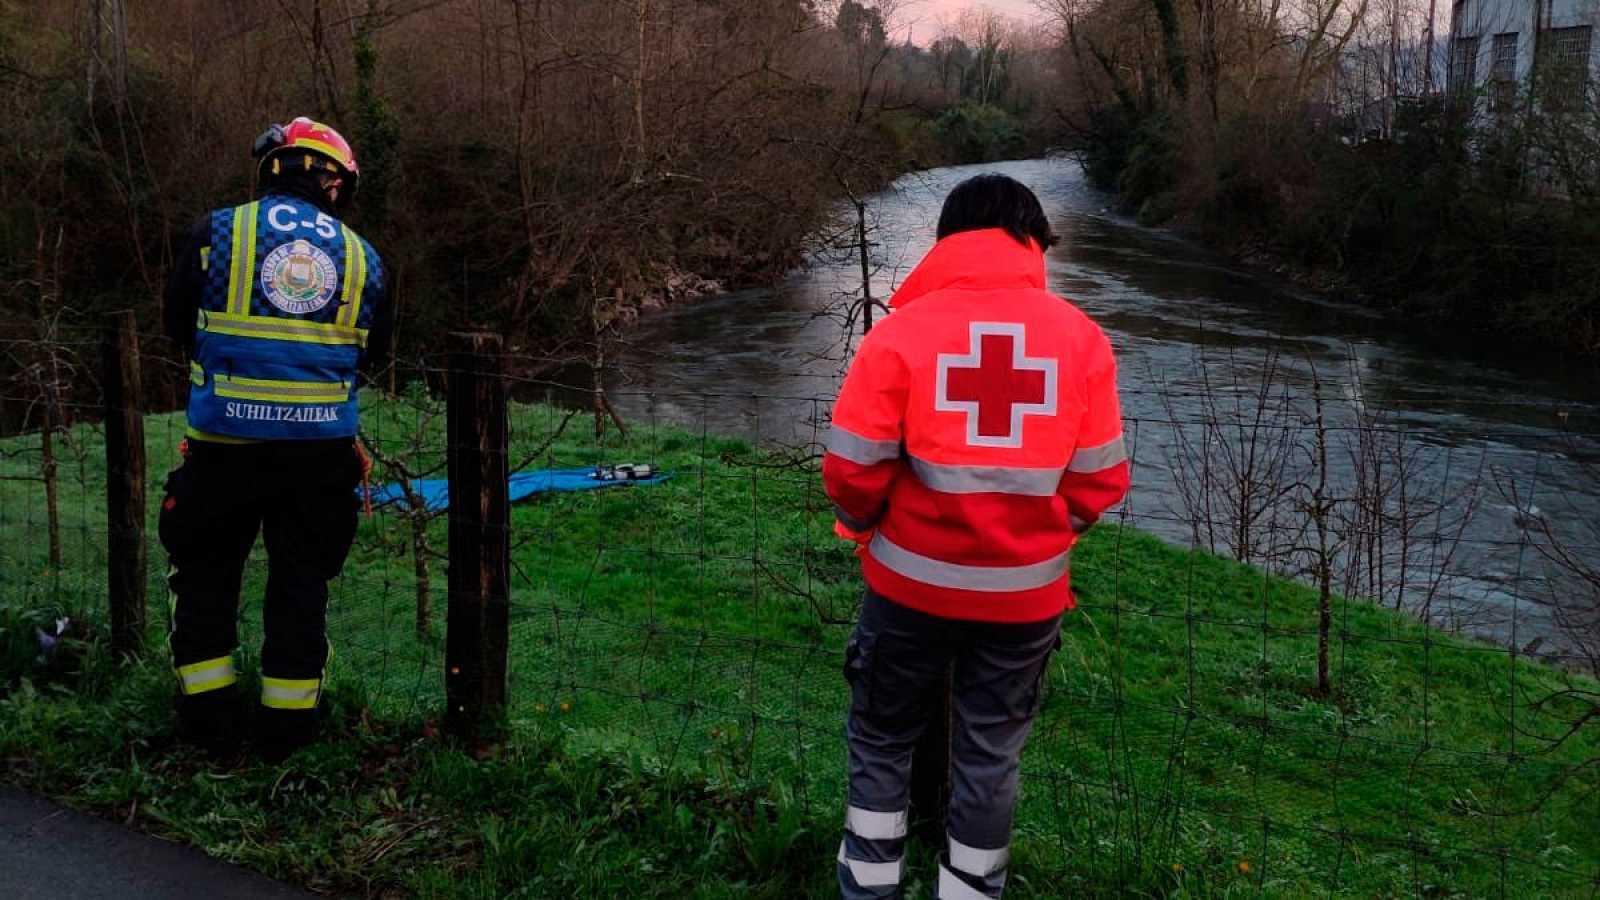 Los equipos de emergencia buscan a los dos ocupantes desaparecidos